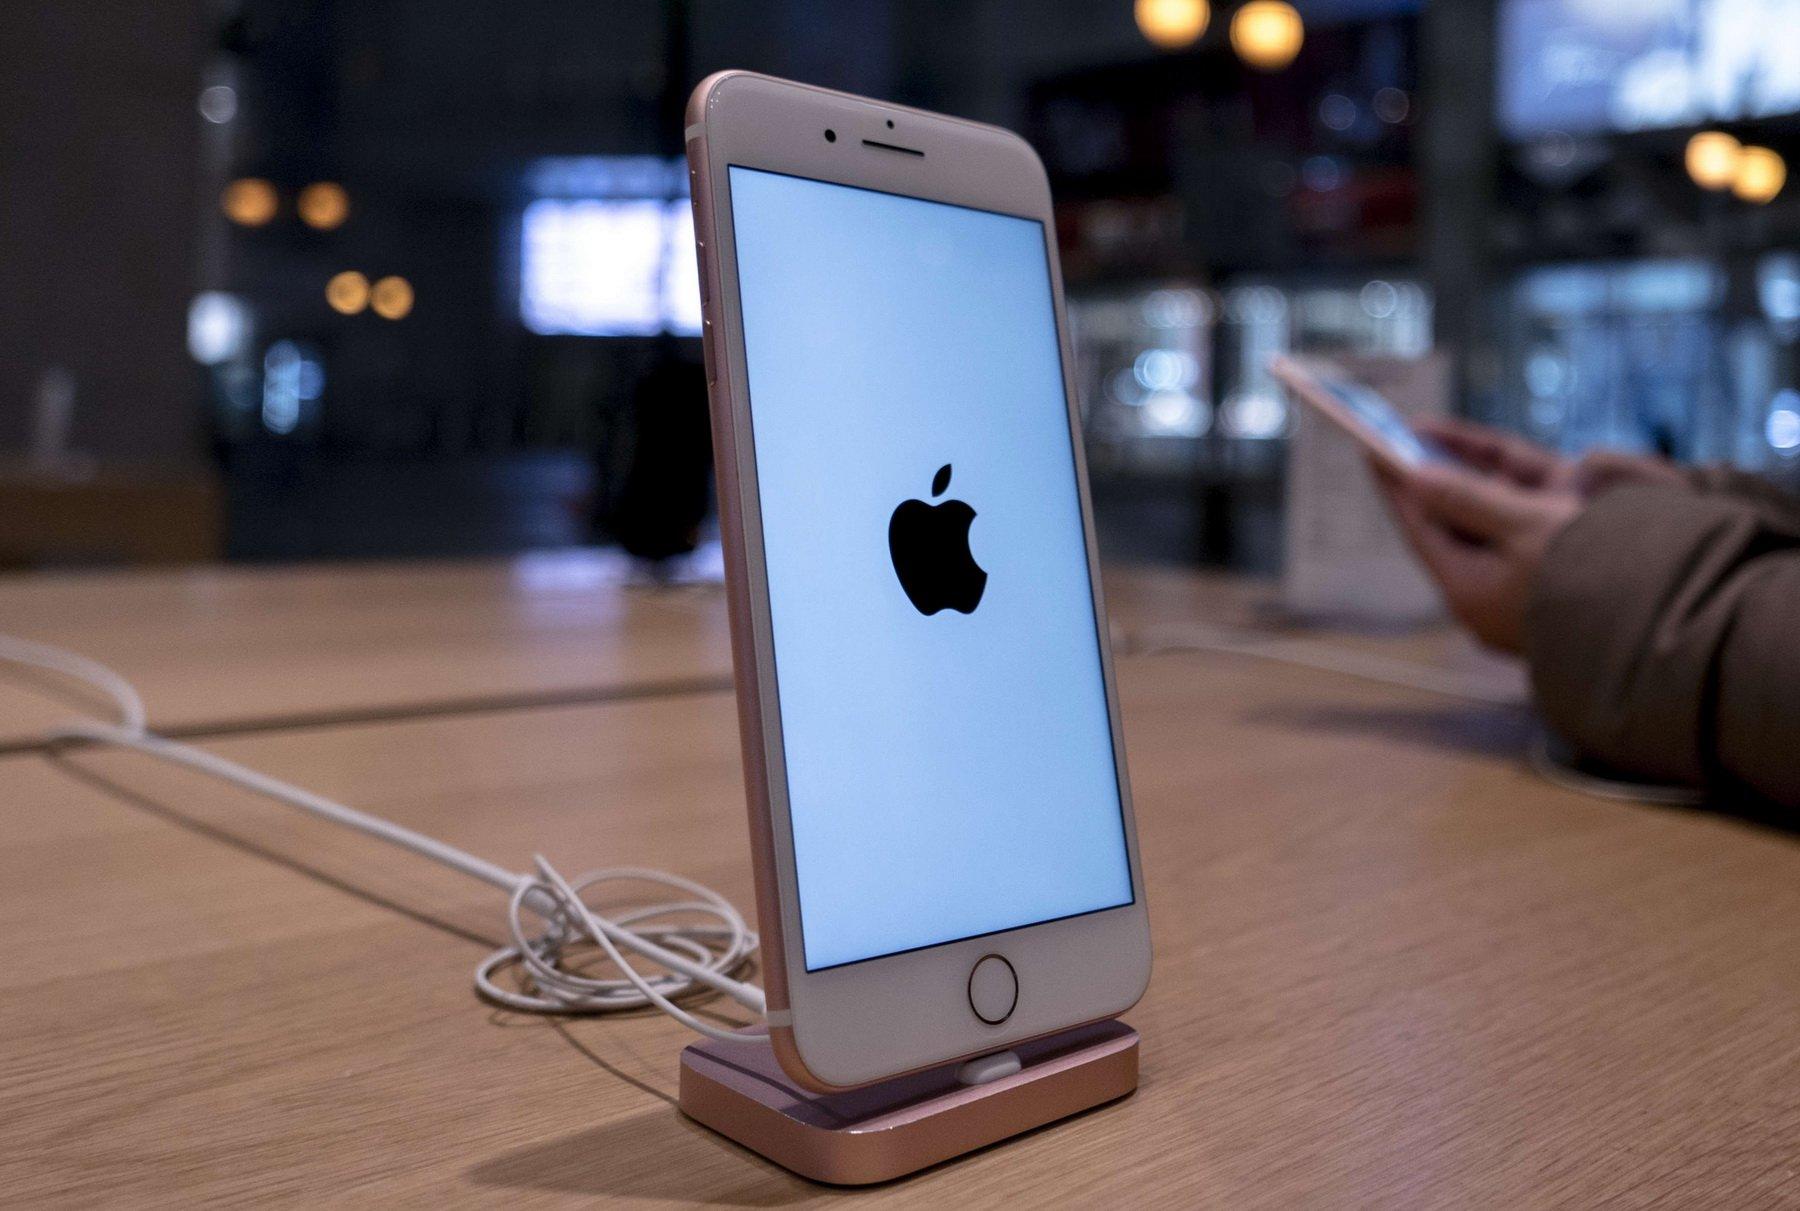 Сенат США требует объяснений от Apple из-за умышленного замедления iPhone